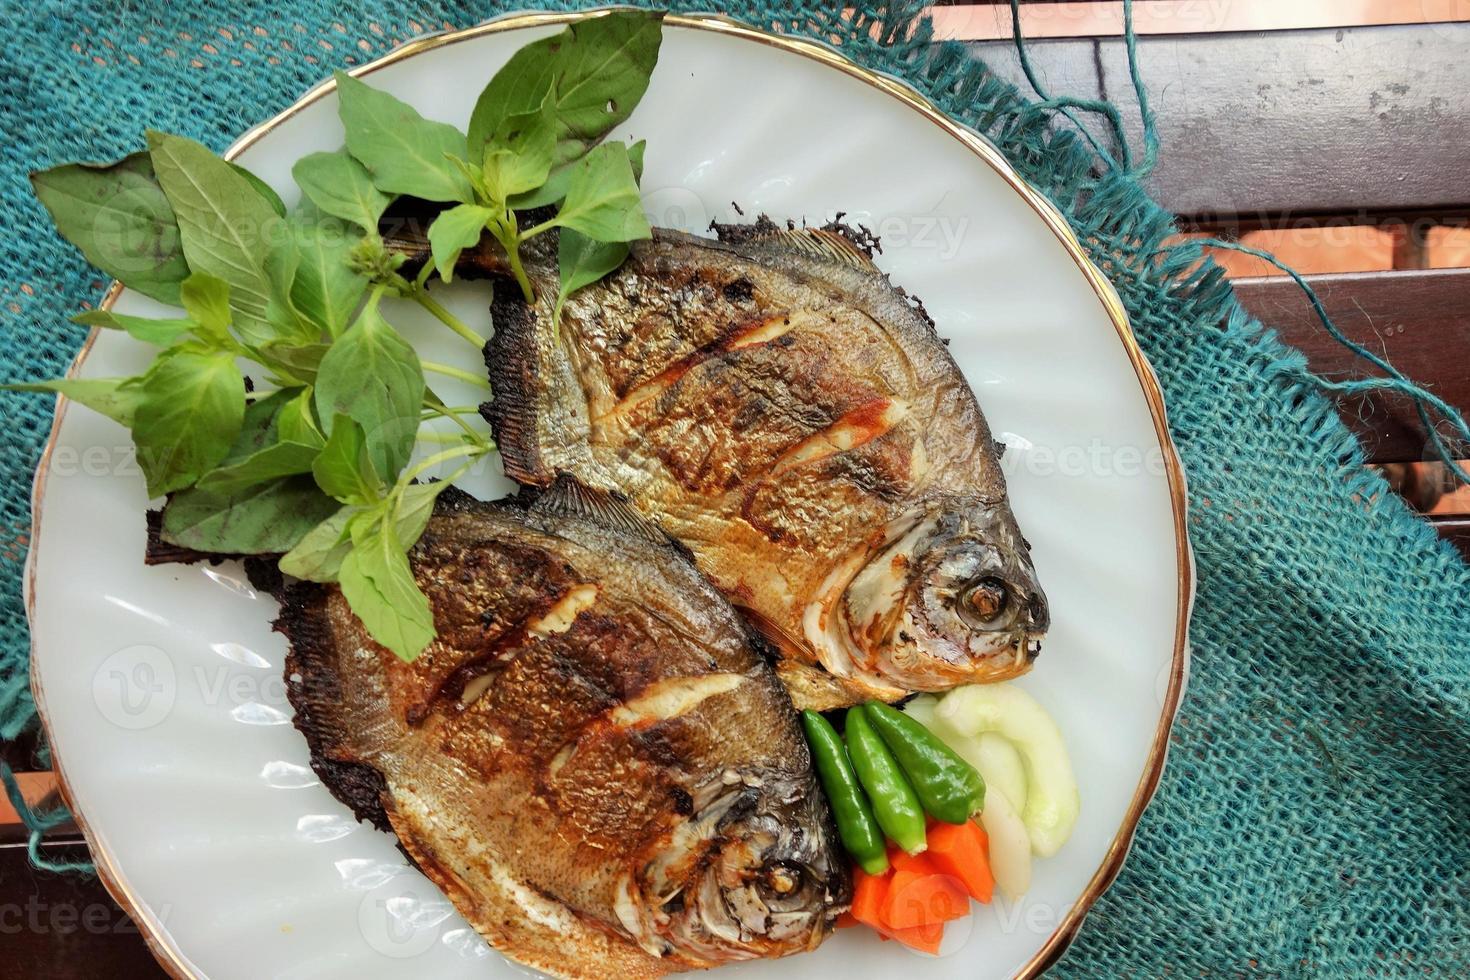 poisson pomfret photo